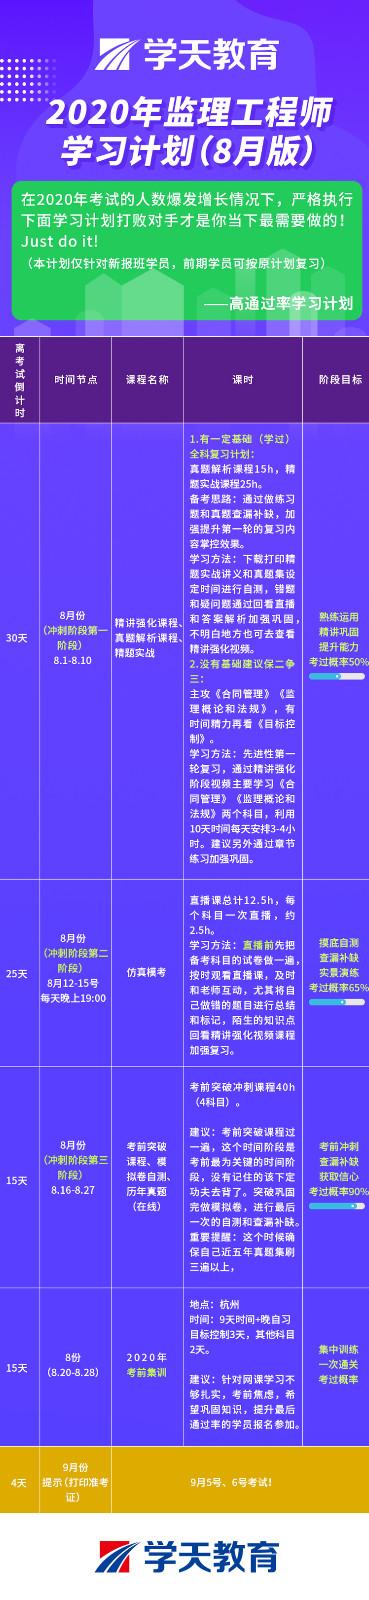 8月学习计划【监理】.jpg